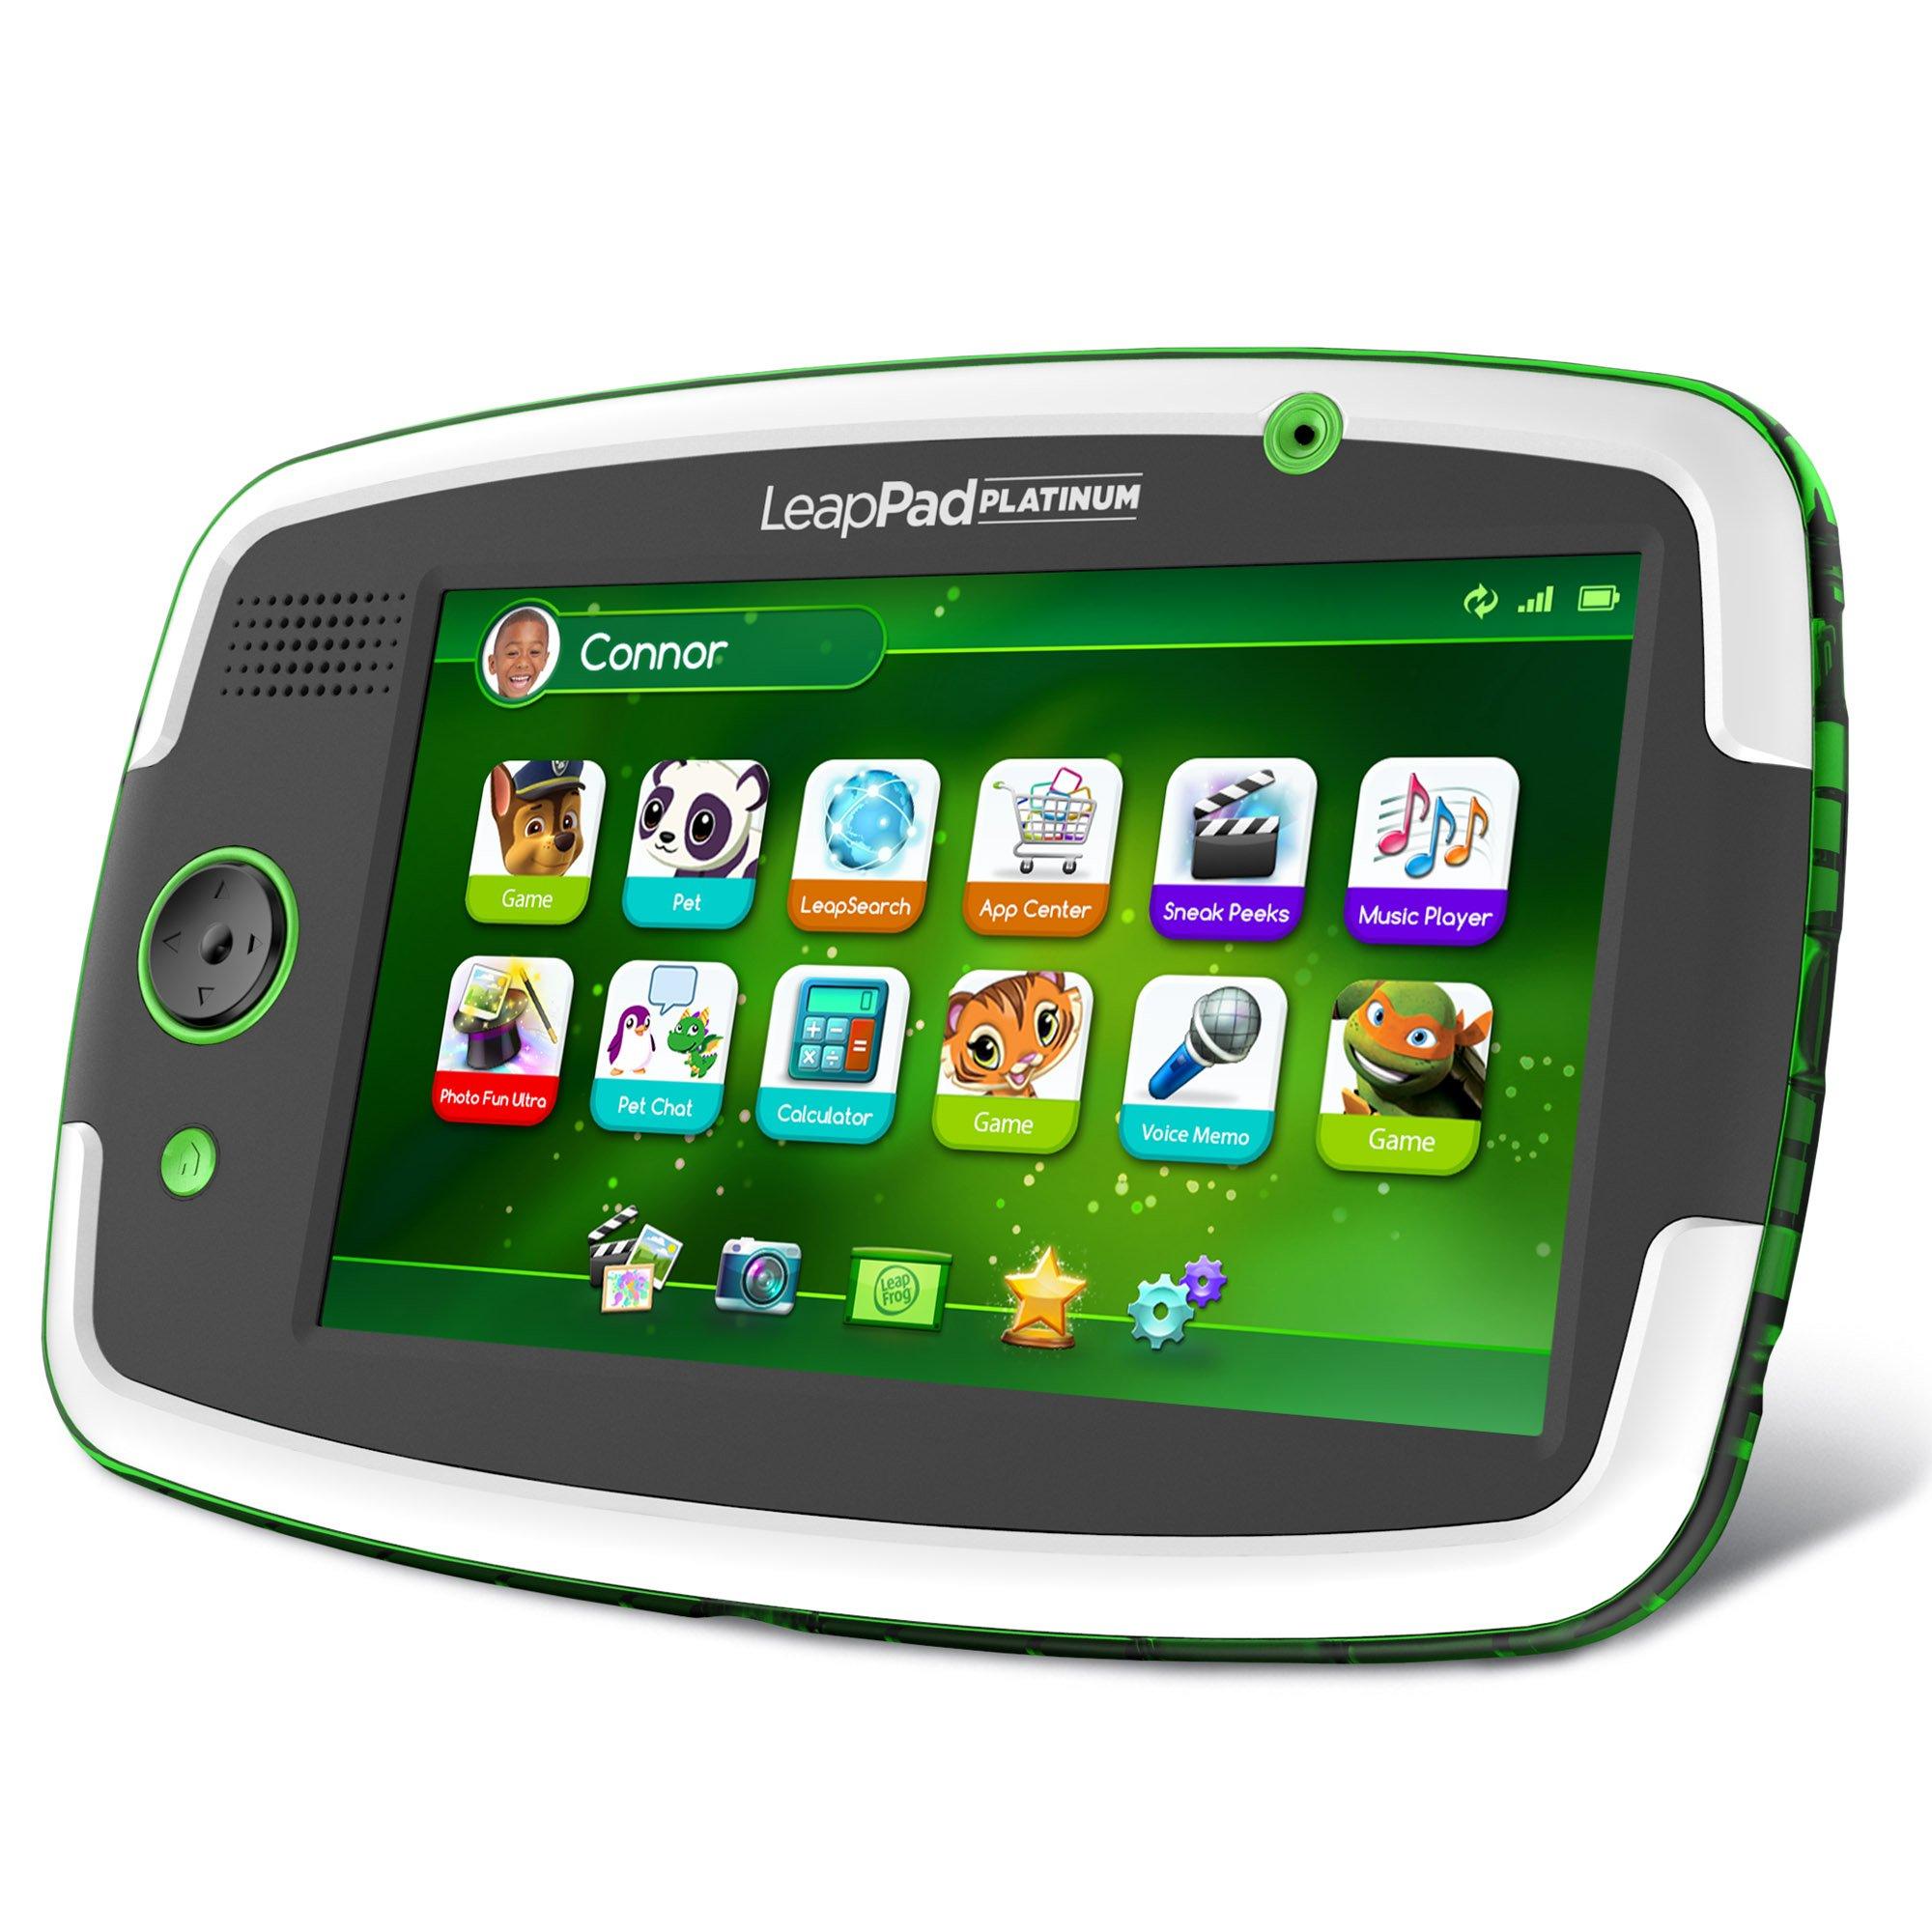 LeapFrog LeapPad Platinum Kids Learning Tablet, Green by LeapFrog. (Image #14)